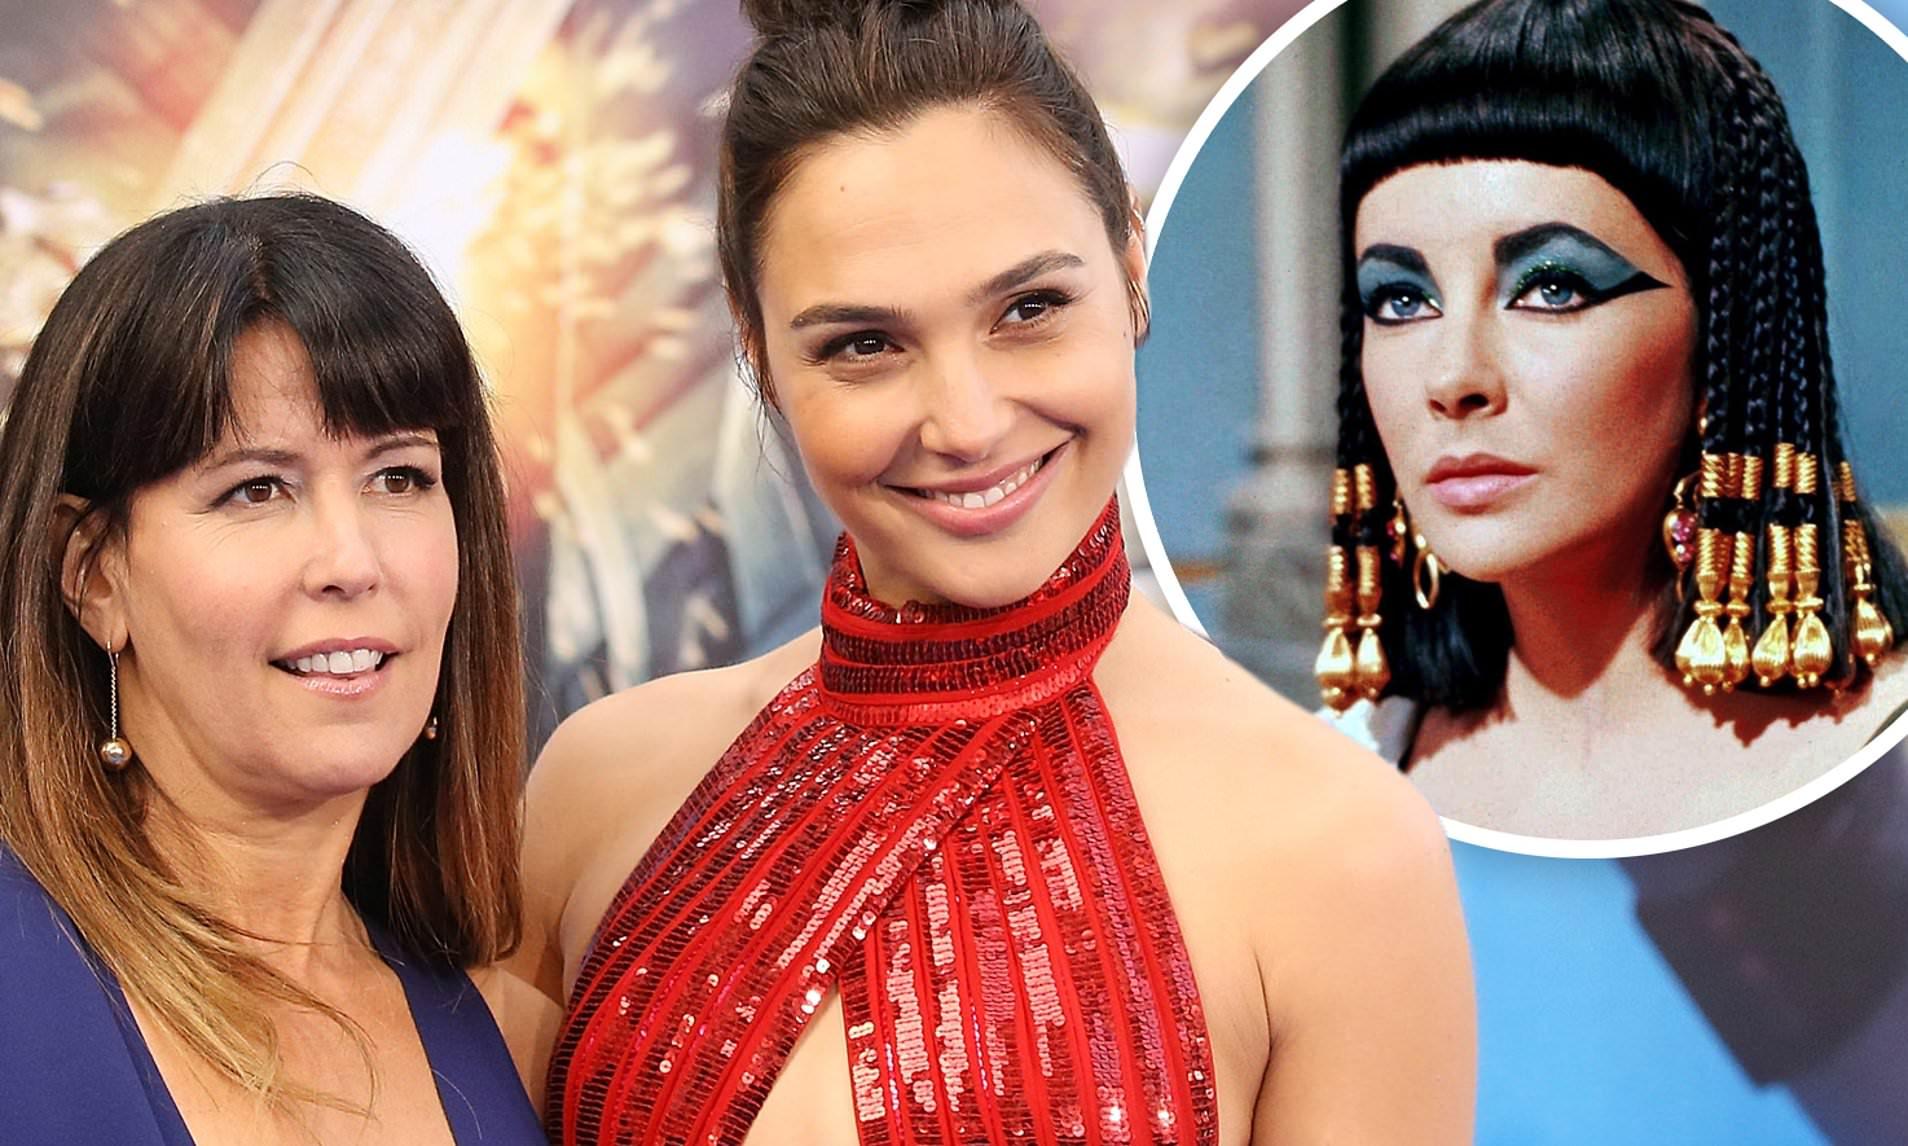 La actriz Gal Gadot será Cleopatra en biopic de la reina de Egipto dirigida por Patty Jenkins